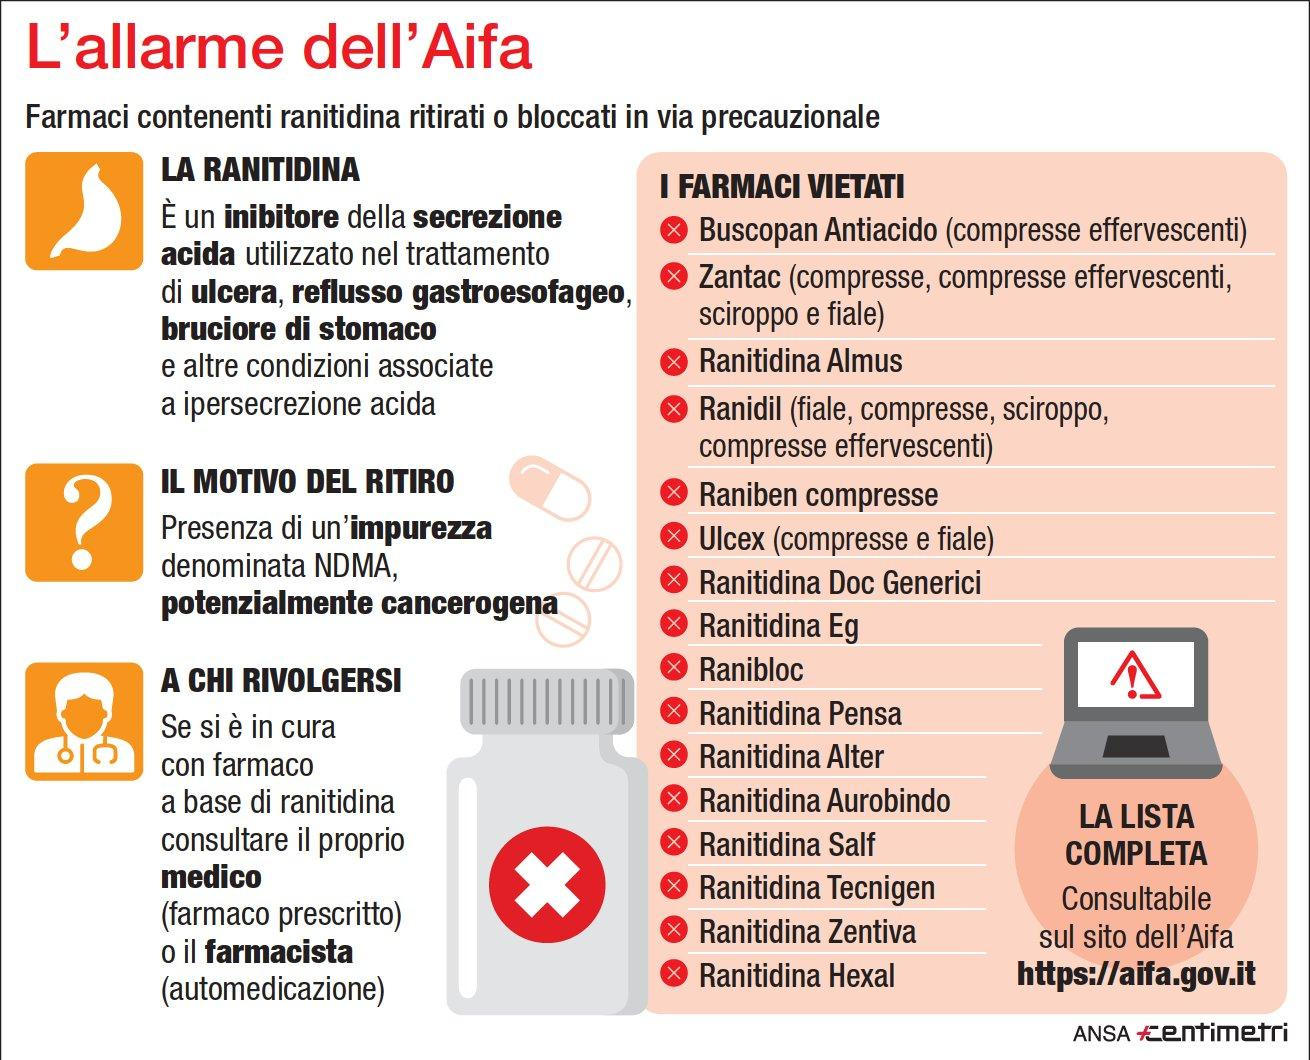 Allarme dell Aifa, ecco i farmaci ritirati o bloccati